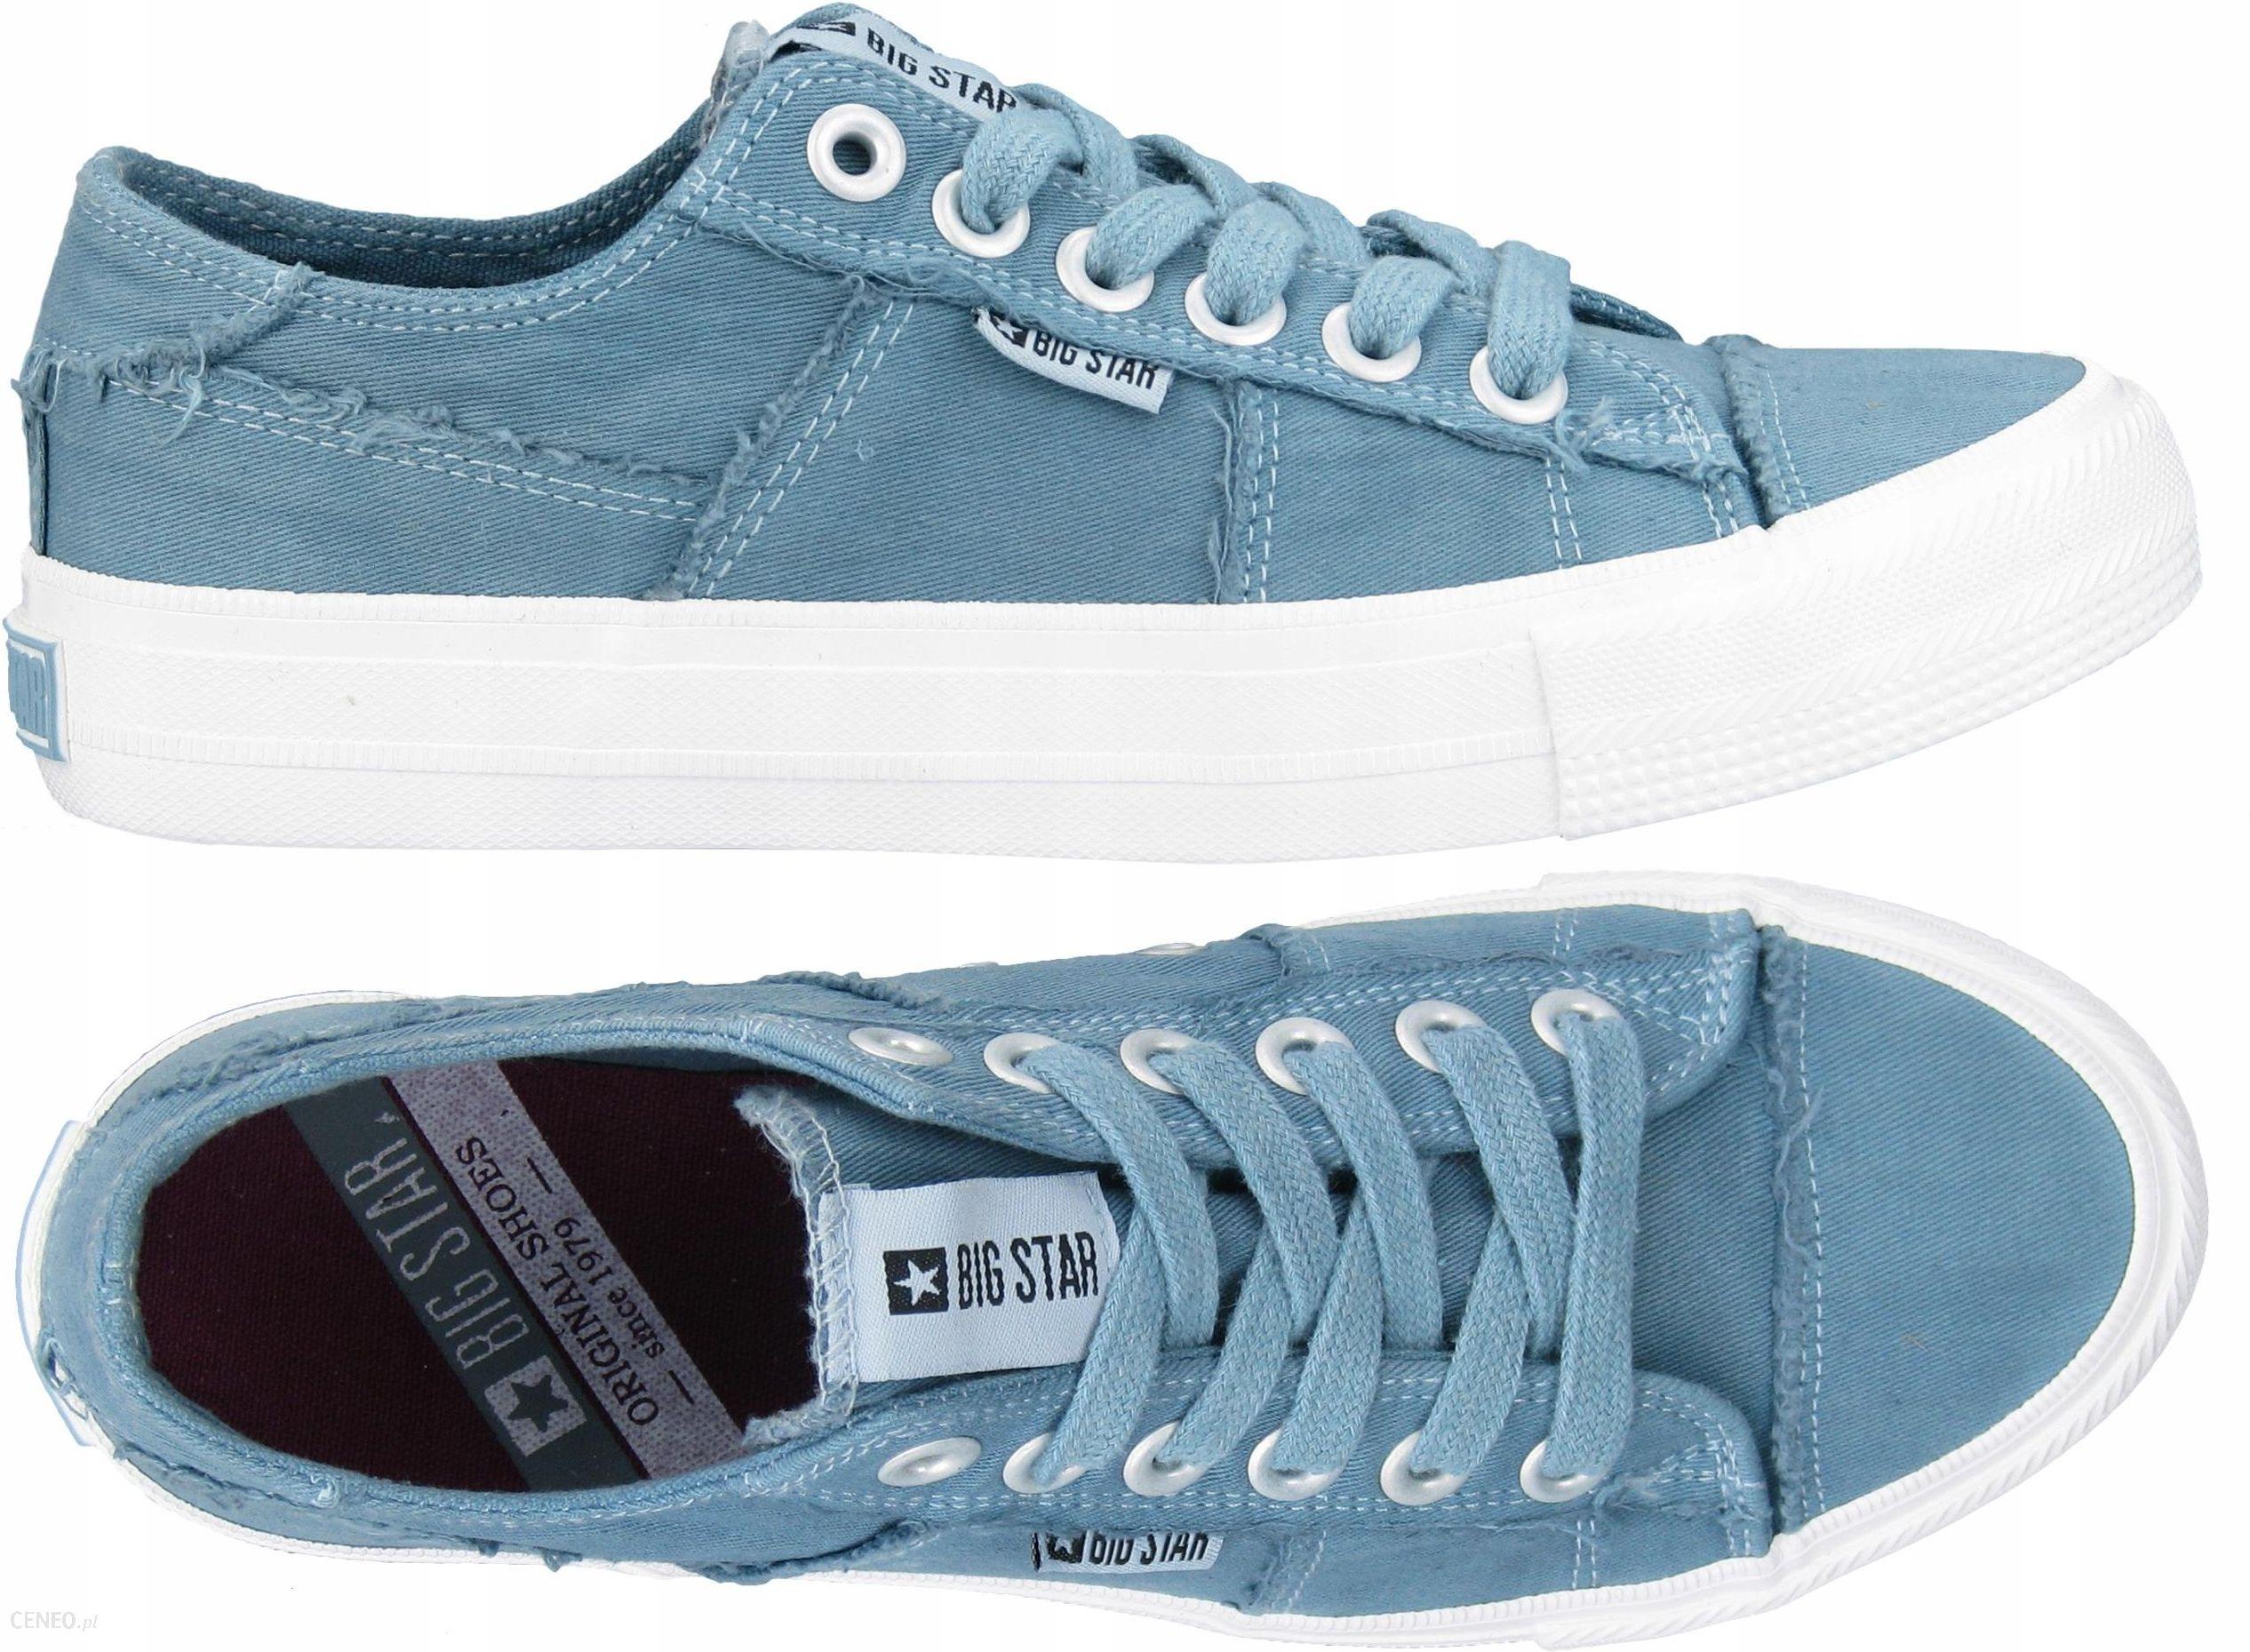 Trampki damskie buty Big Star DD274445 40 Ceny i opinie Ceneo.pl